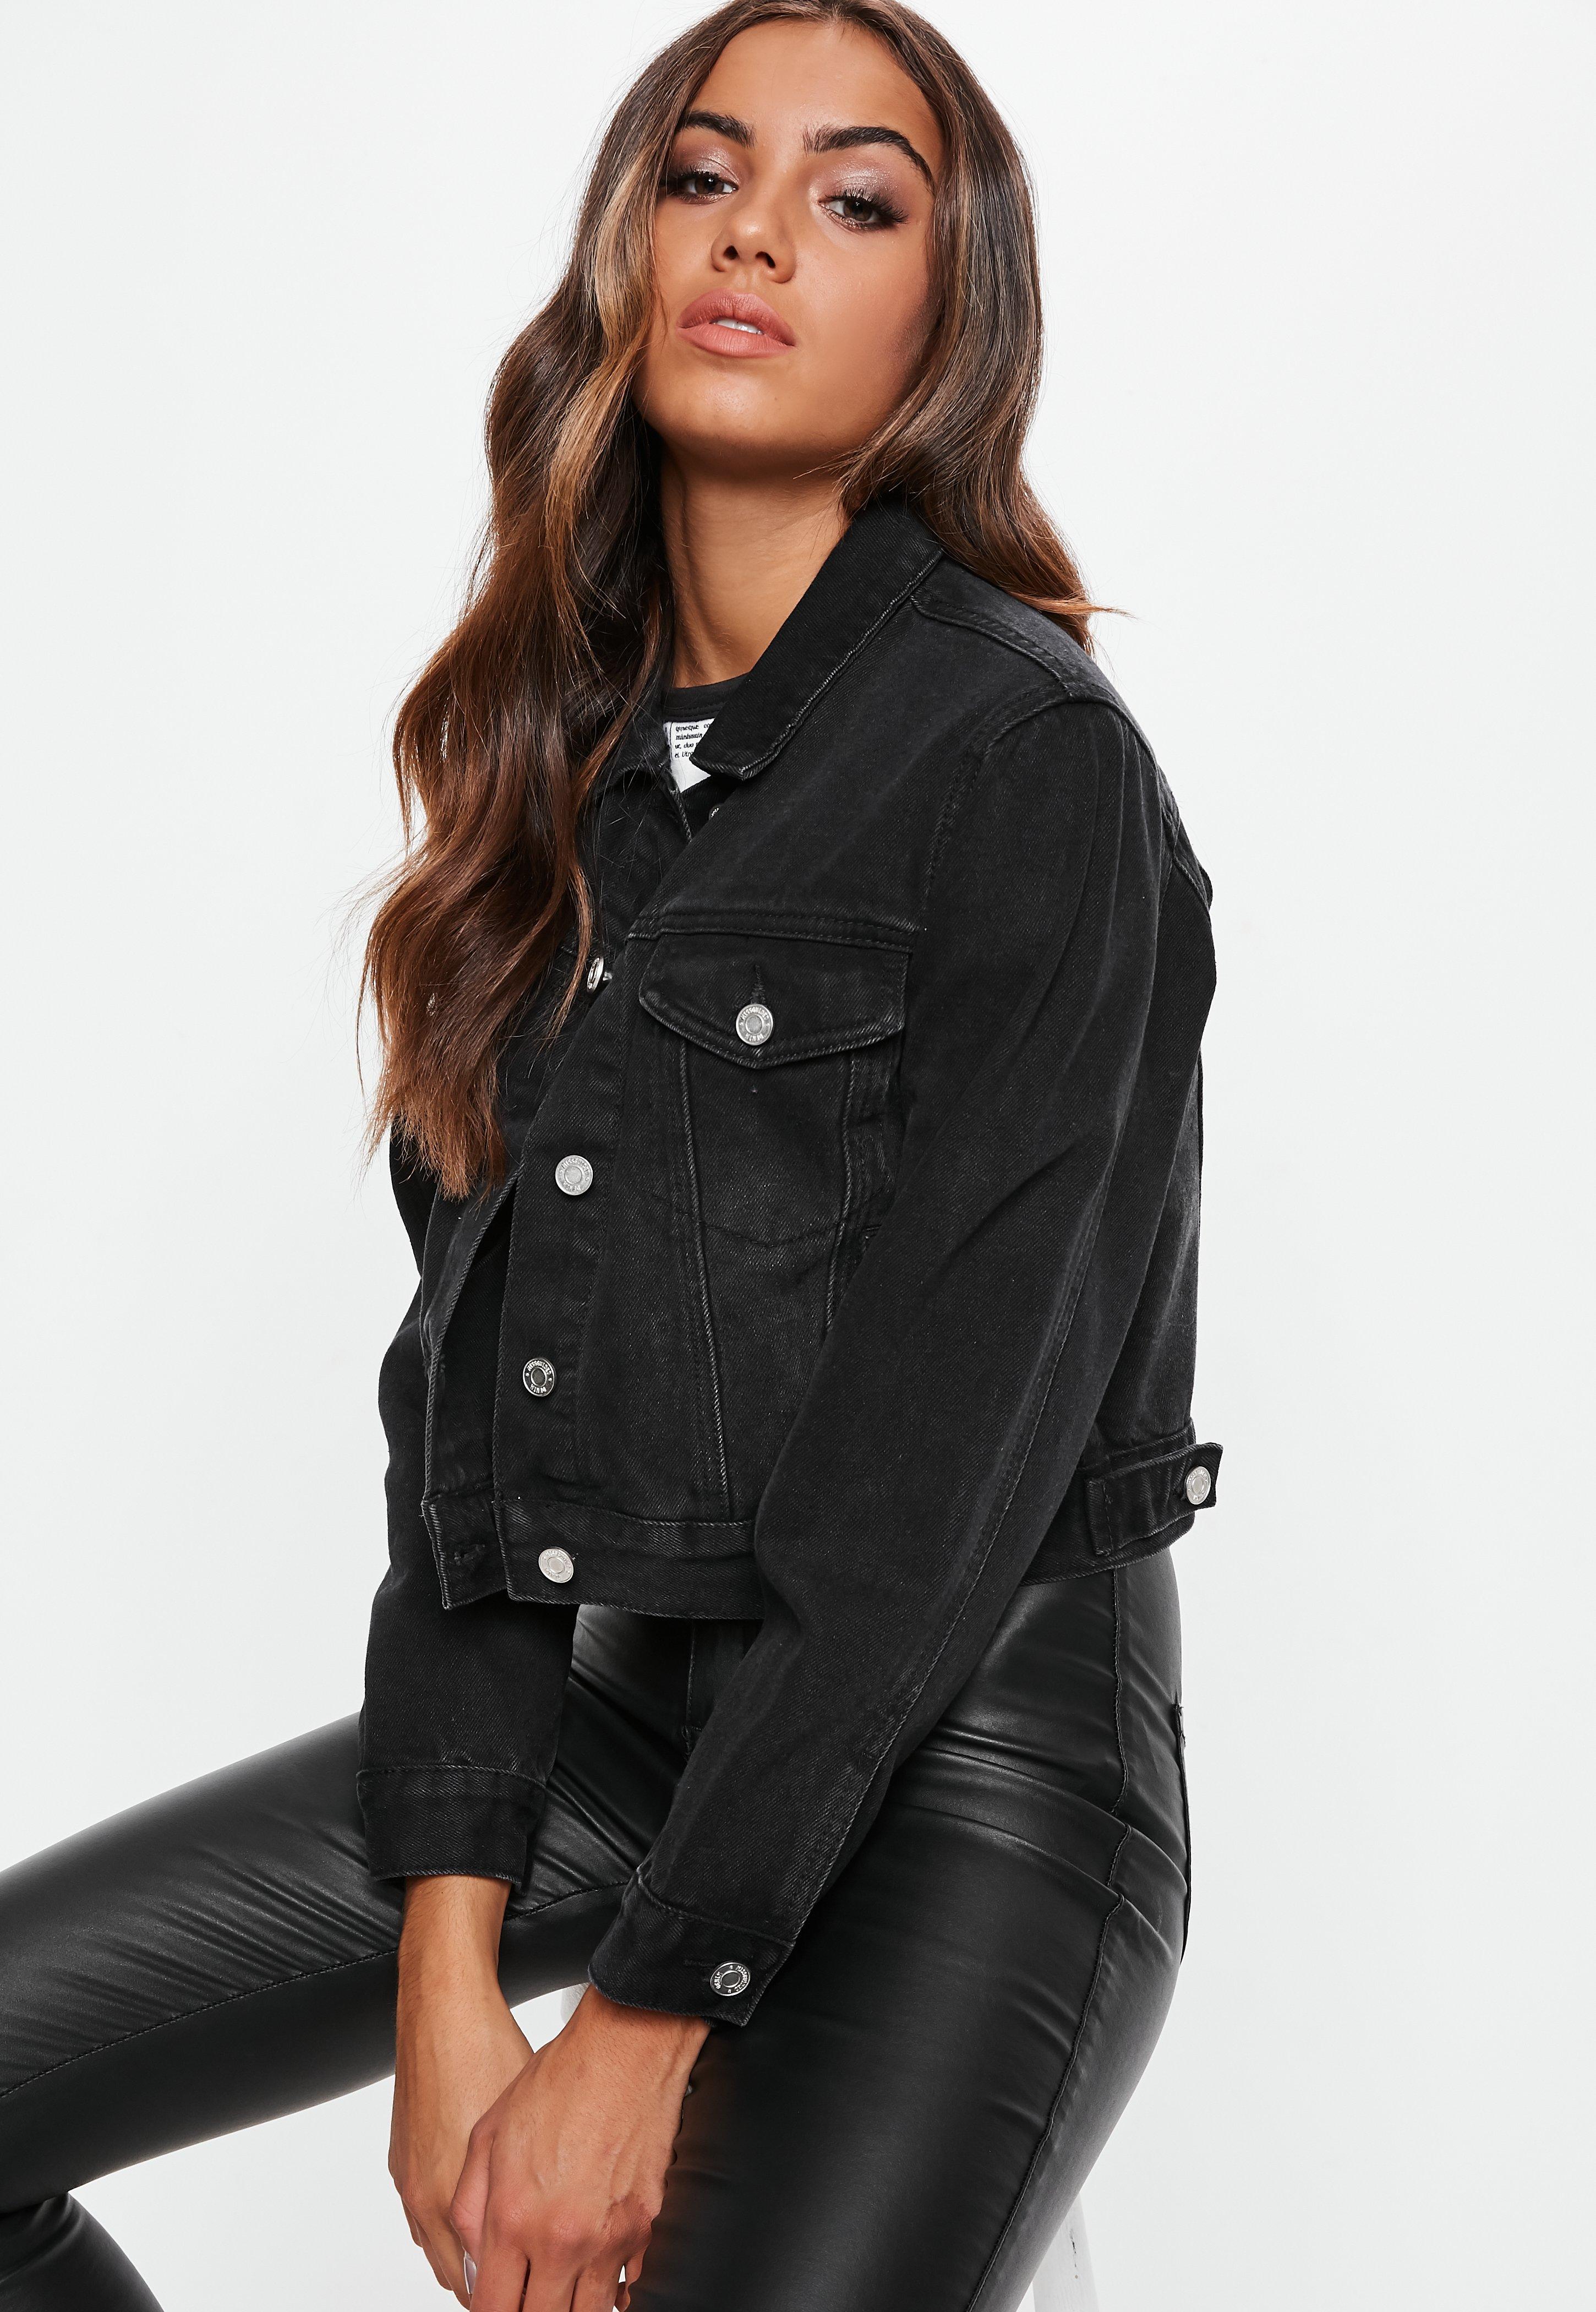 Veste jean noir moumoute femme